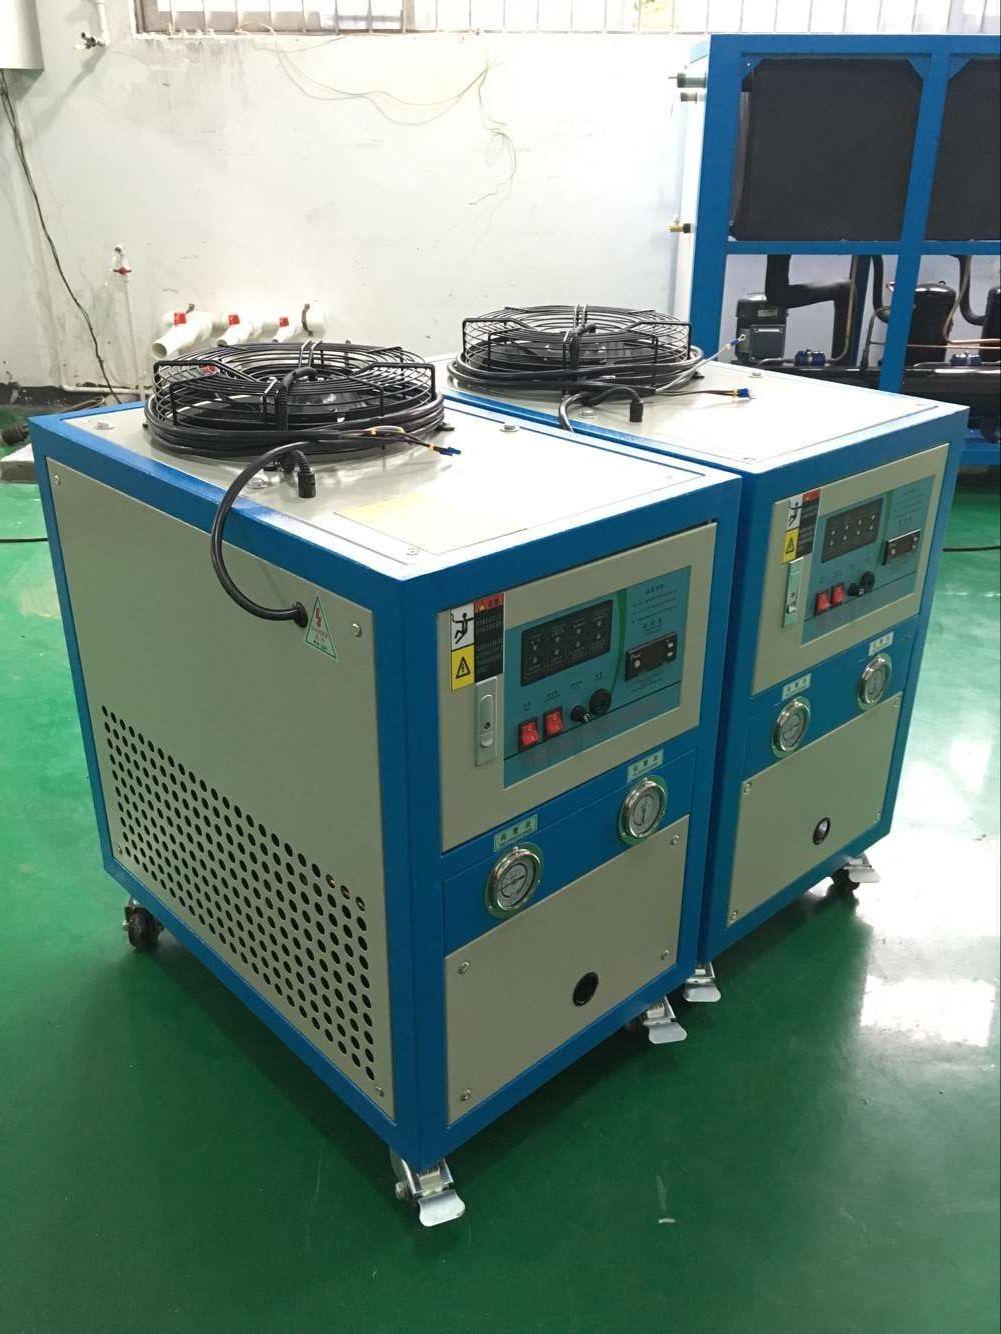 【广东螺杆空压机图片价格】广东螺杆空压机图片 - 中国供应商